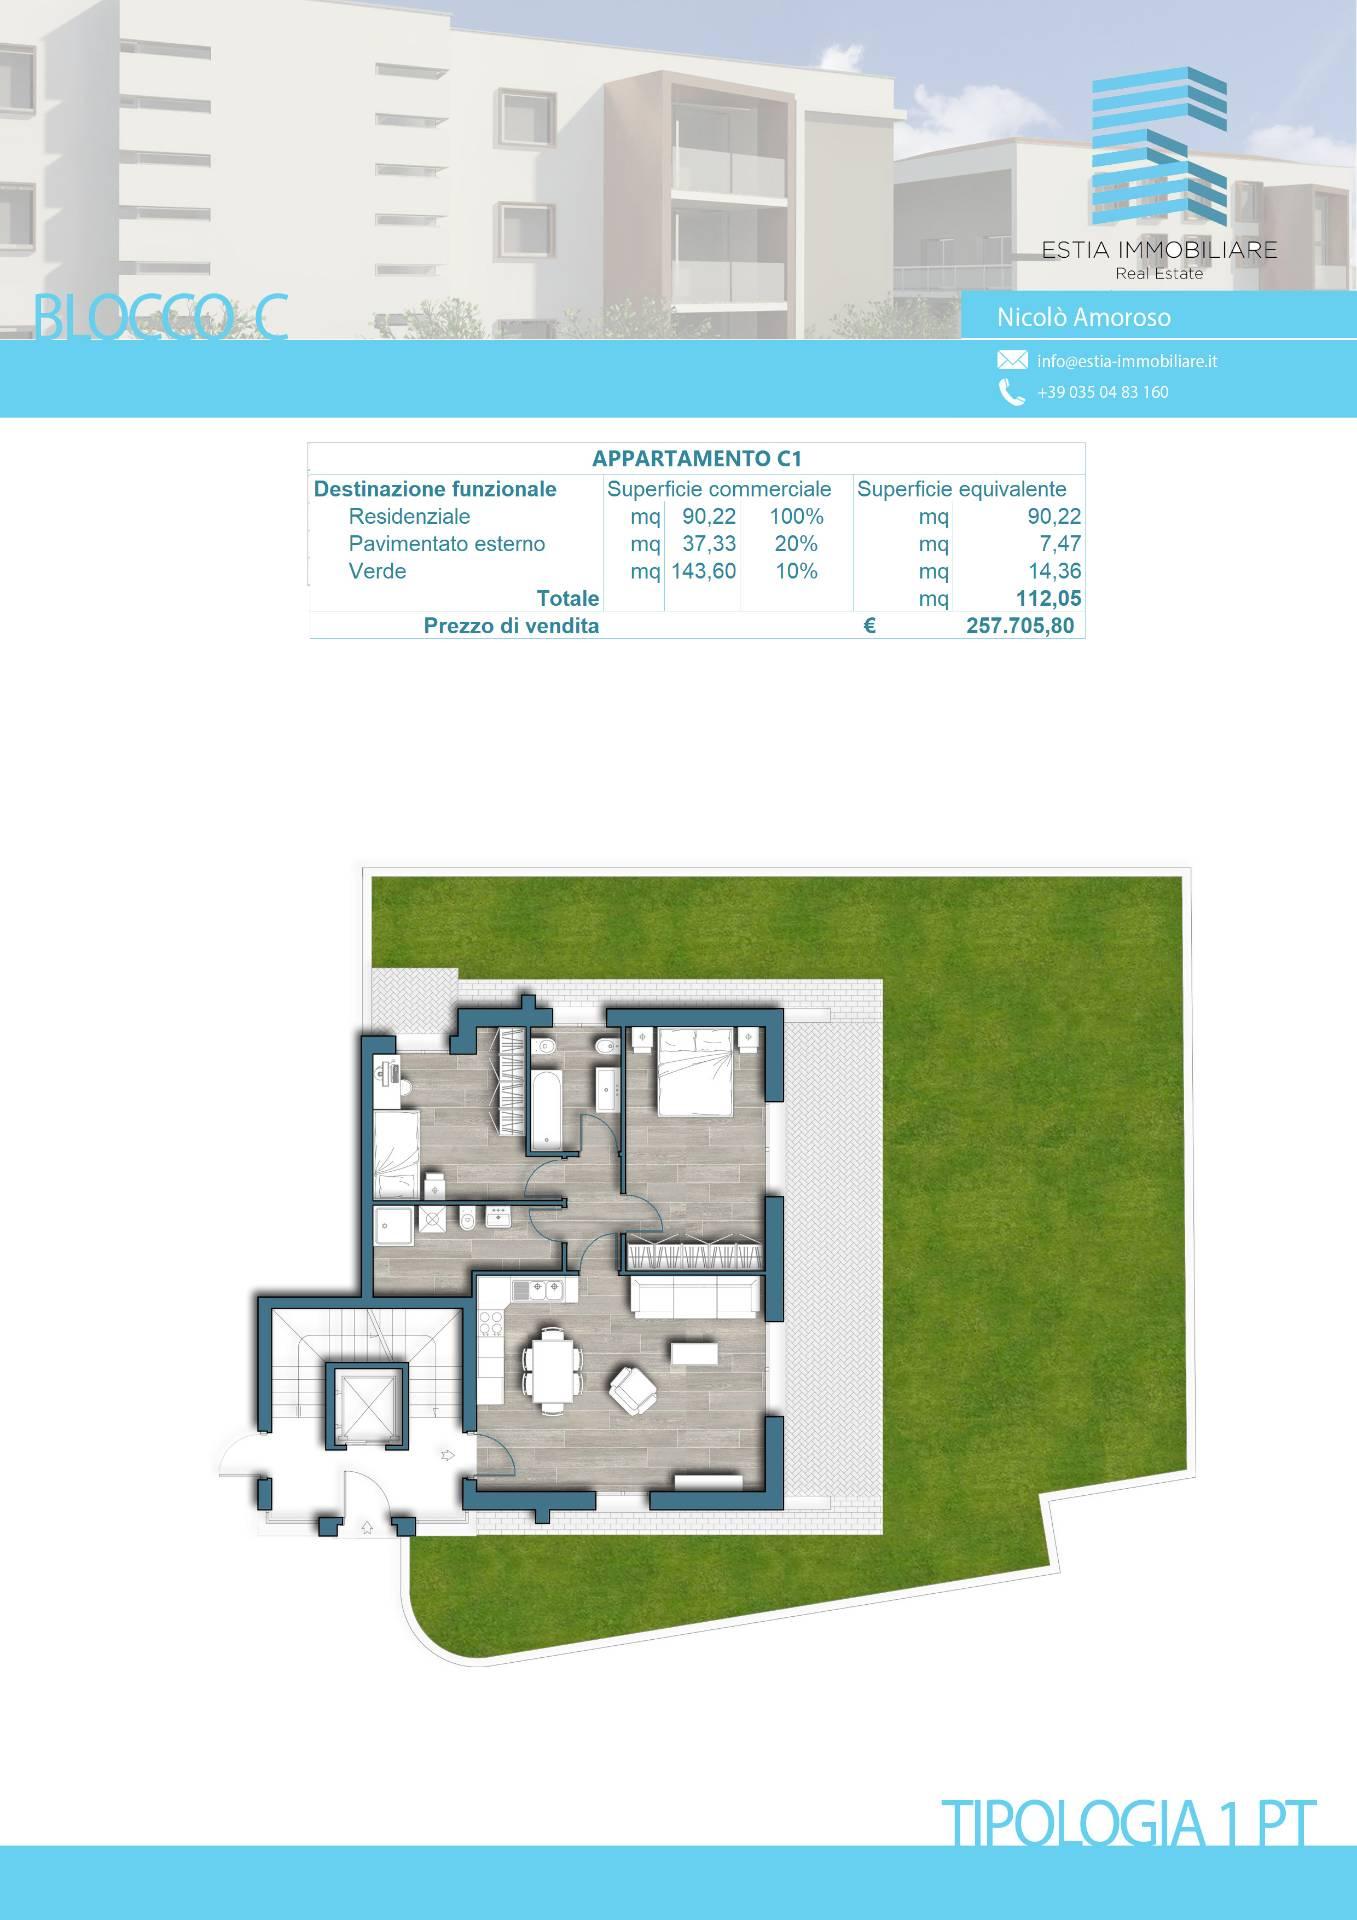 Appartamento in vendita a Bergamo, 3 locali, zona na, prezzo € 257.715 | PortaleAgenzieImmobiliari.it